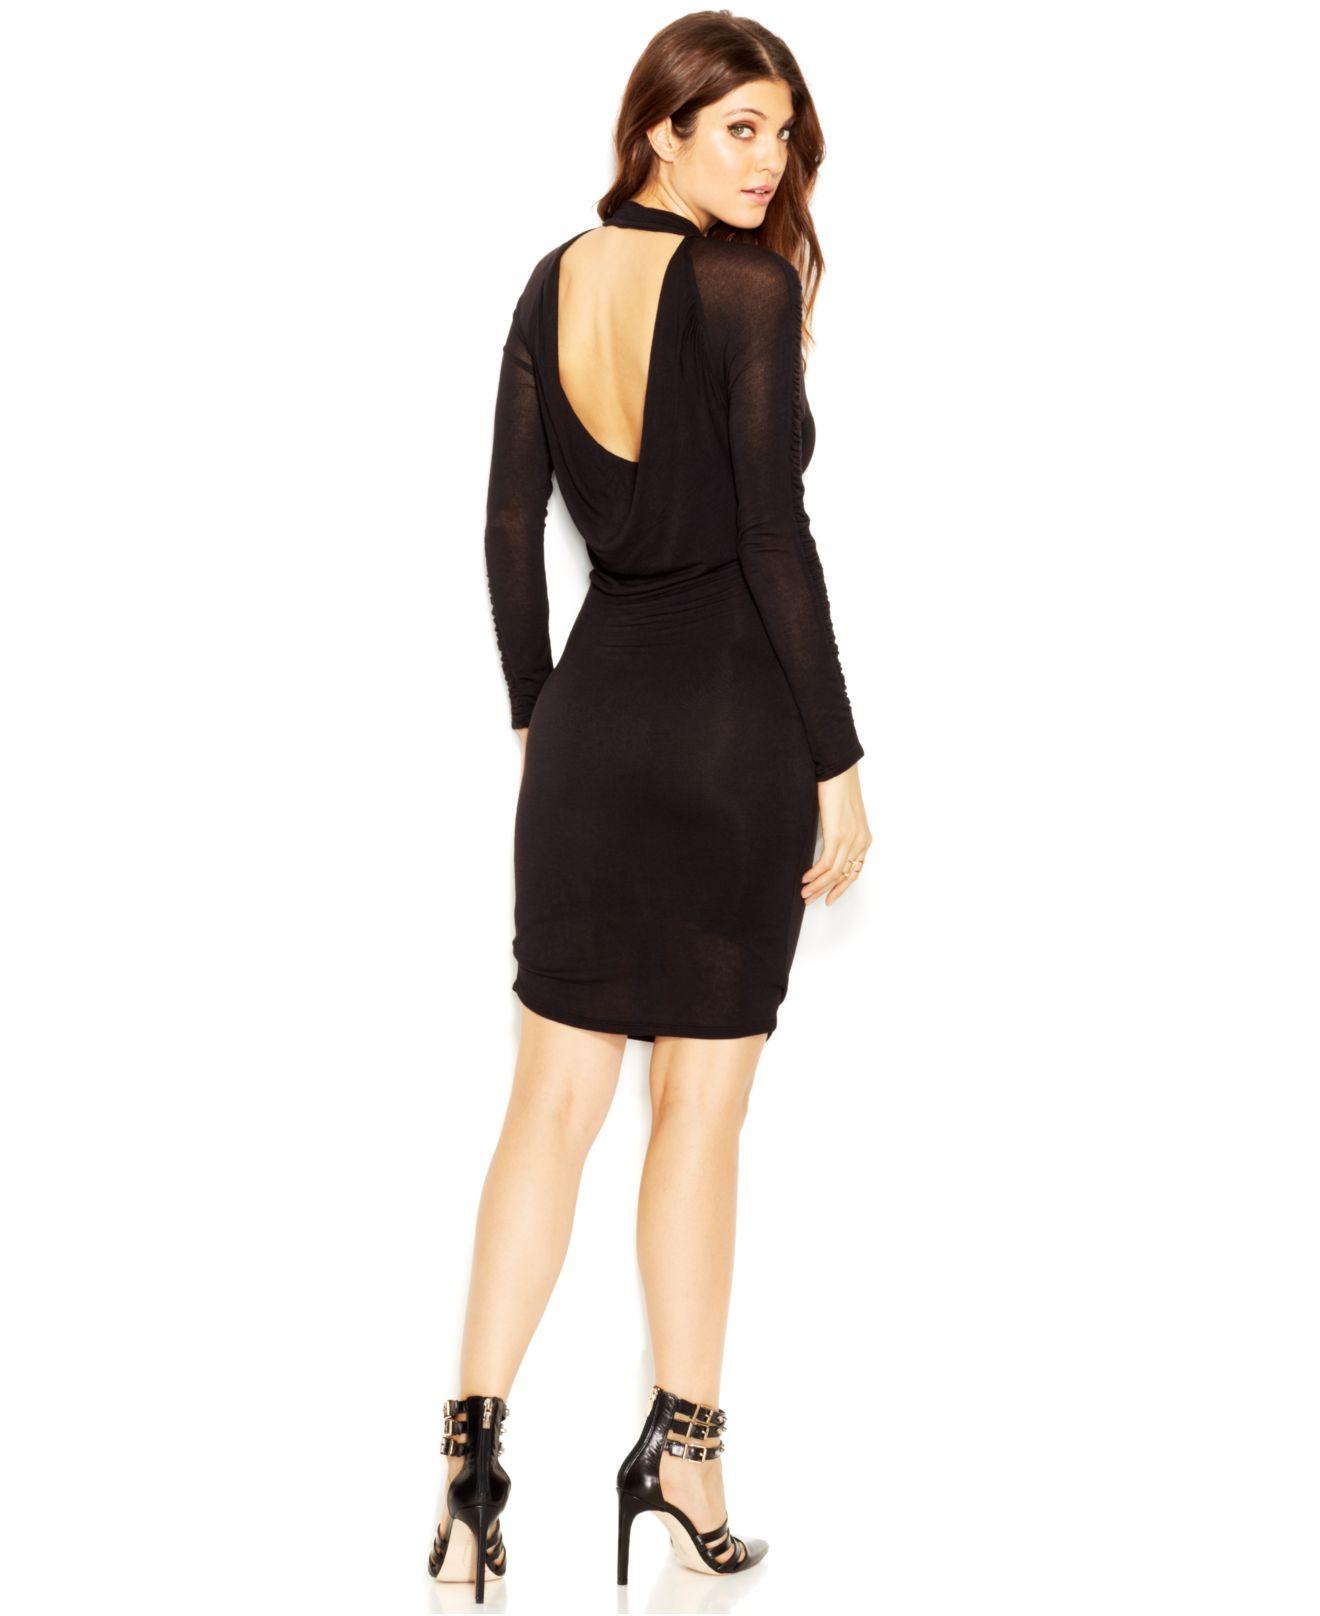 Mock Turtleneck Dresses